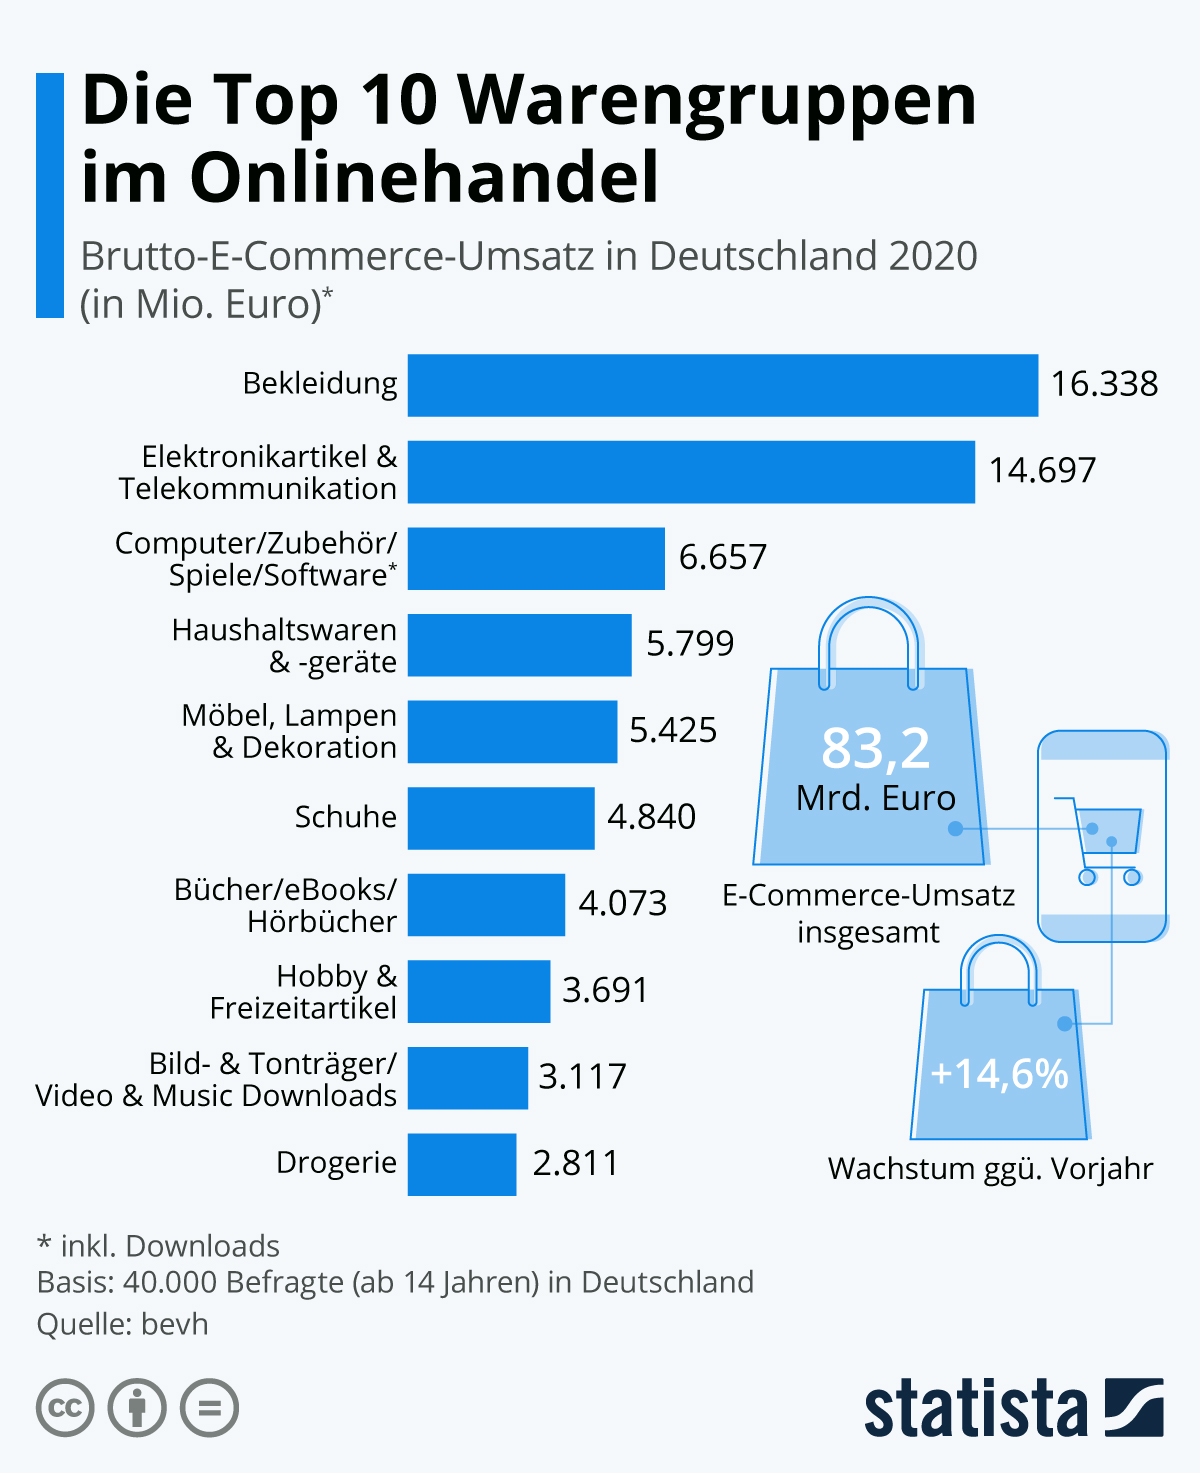 Infografik: Die Top 10 Warengruppen im Onlinehandel | Statista